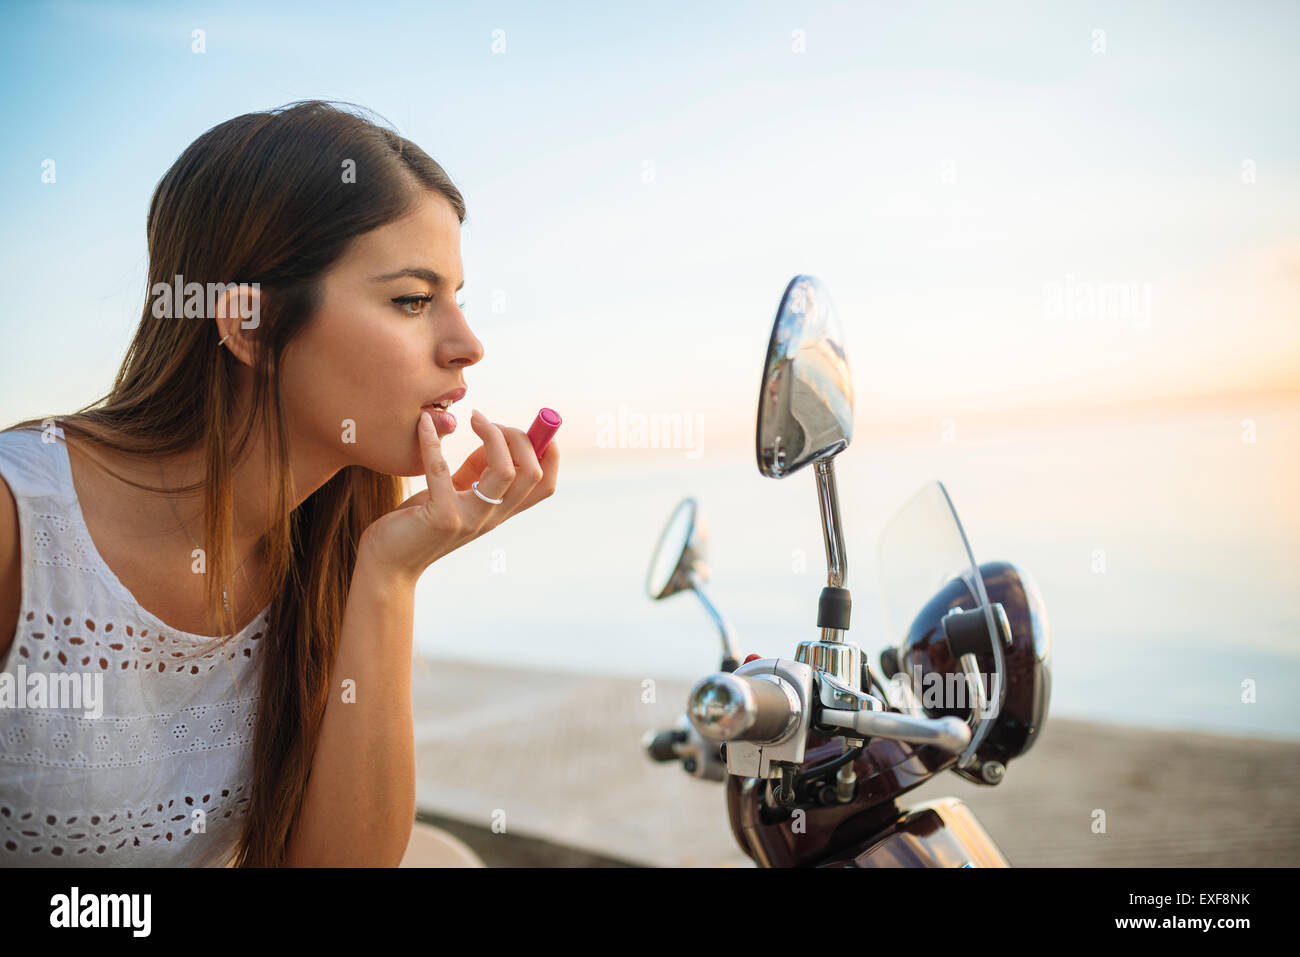 Junge Frau Auftragen von Lippenstift in Motorrad Spiegel, Manila, Philippinen Stockbild